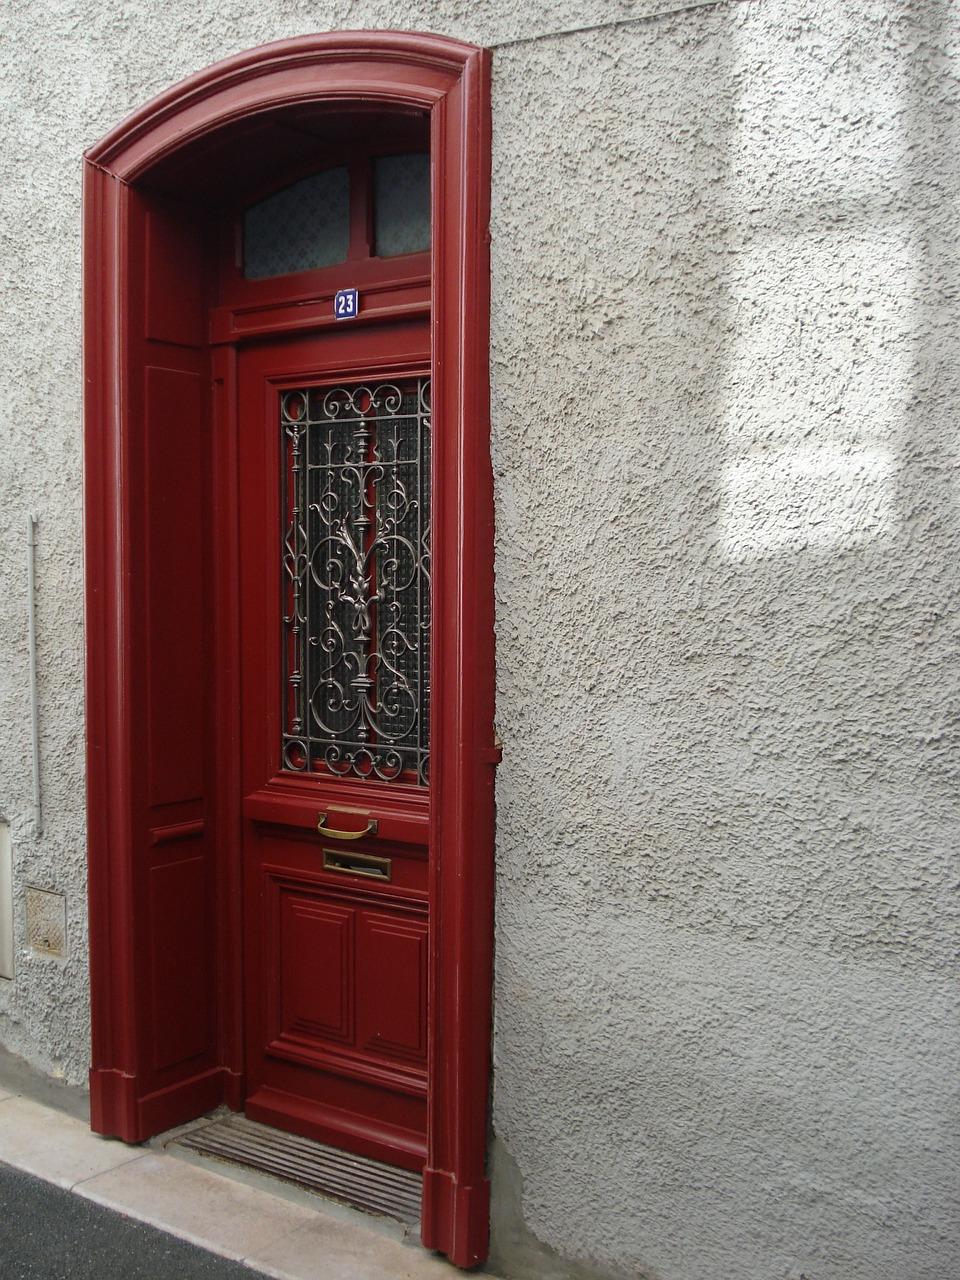 Quelles sont les règles à respecter pour peindre sa porte d'entrée ?